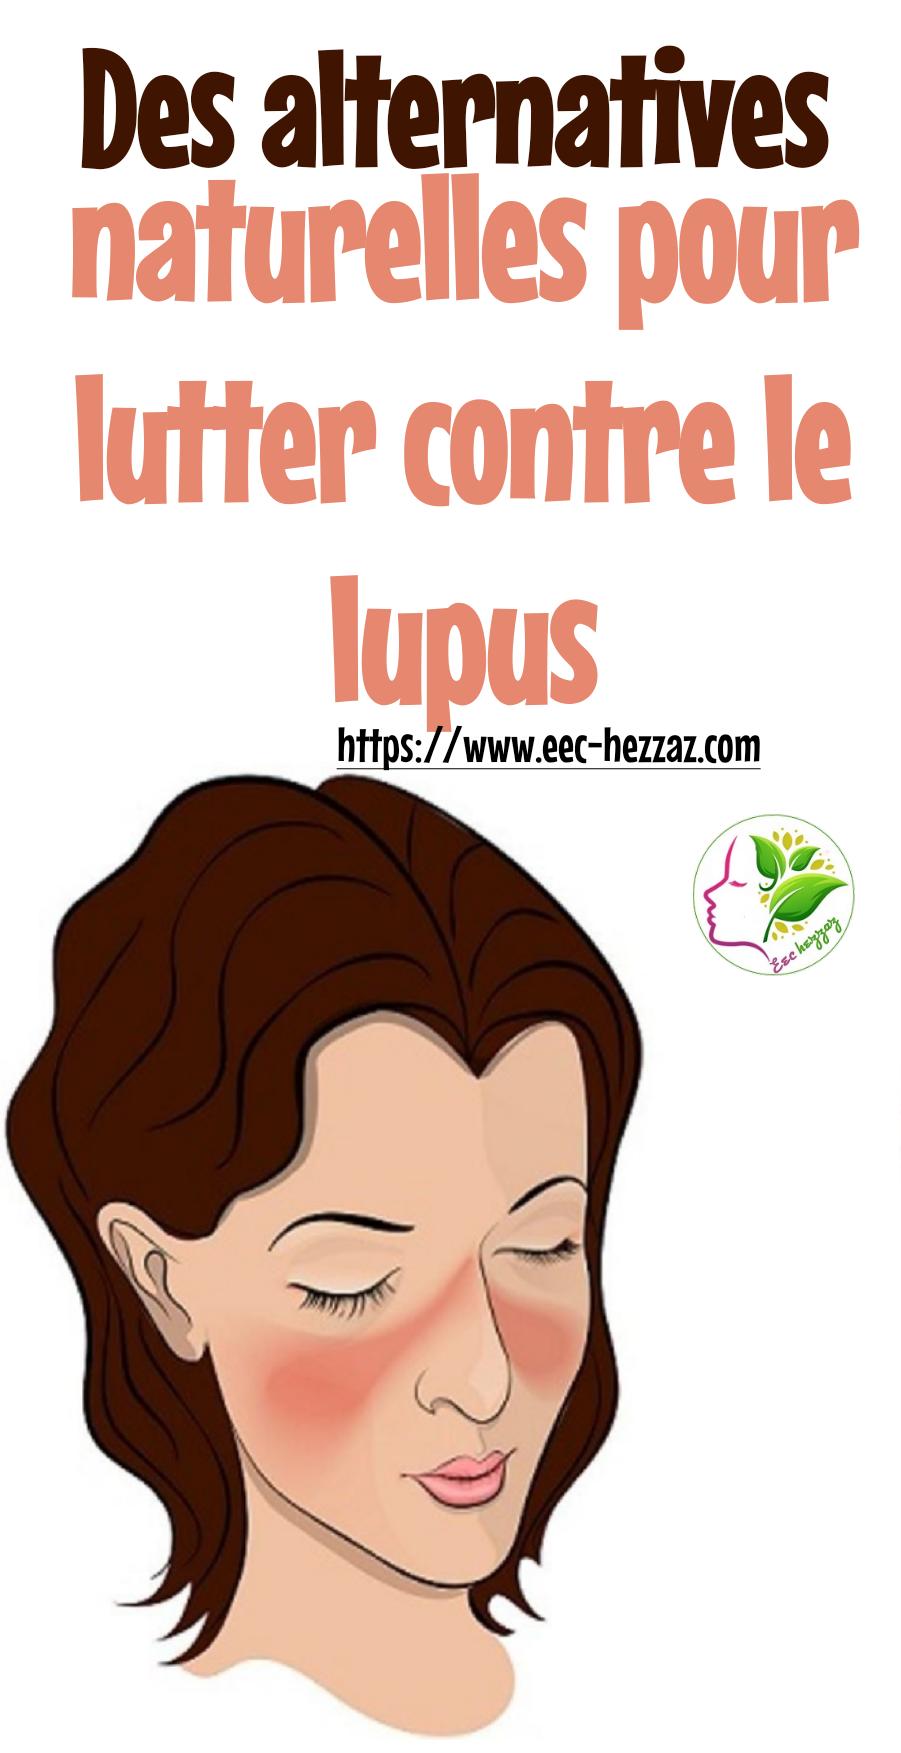 Des alternatives naturelles pour lutter contre le lupus